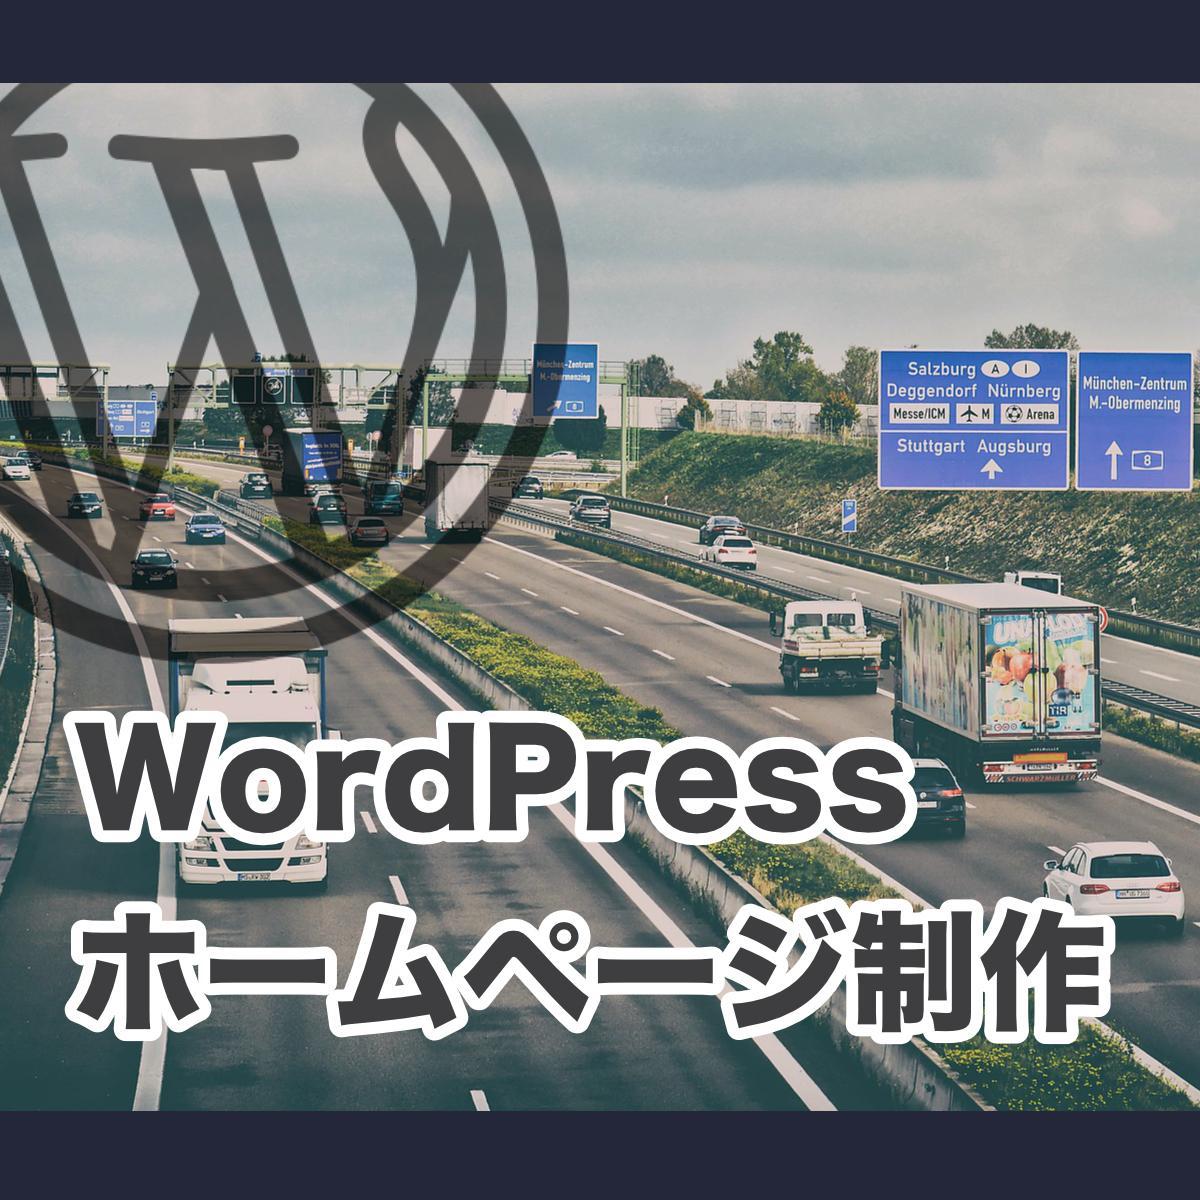 物流・運送会社様向けのHPを製作します Wordpressでのサイト制作、SEO対策はお任せください イメージ1